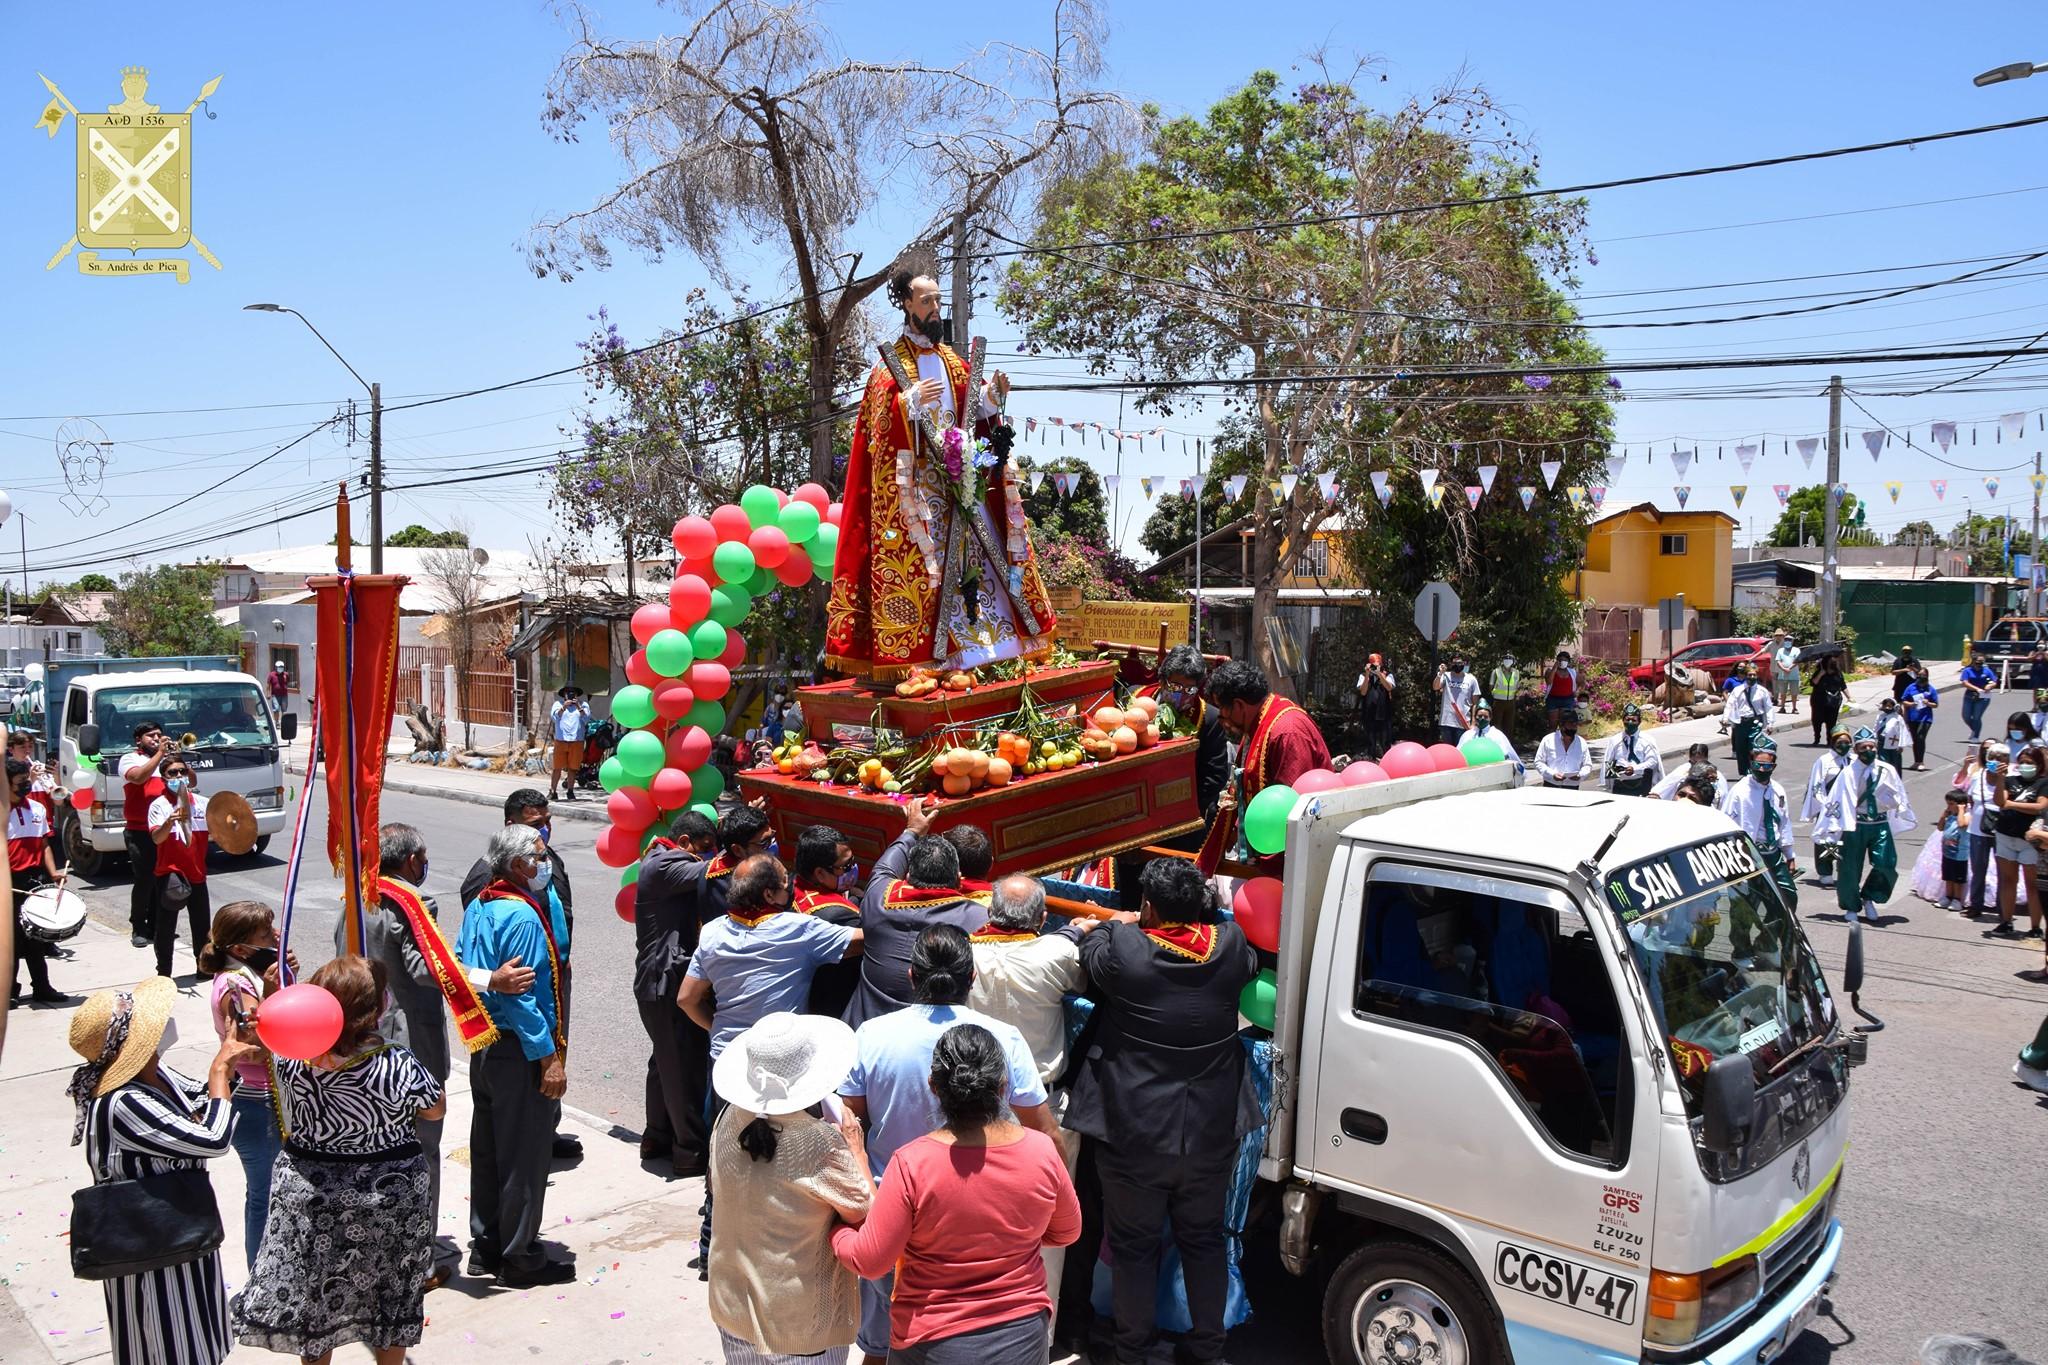 Fiesta de San Andrés en Pica: 400 años de fervor popular en el oasis nortino